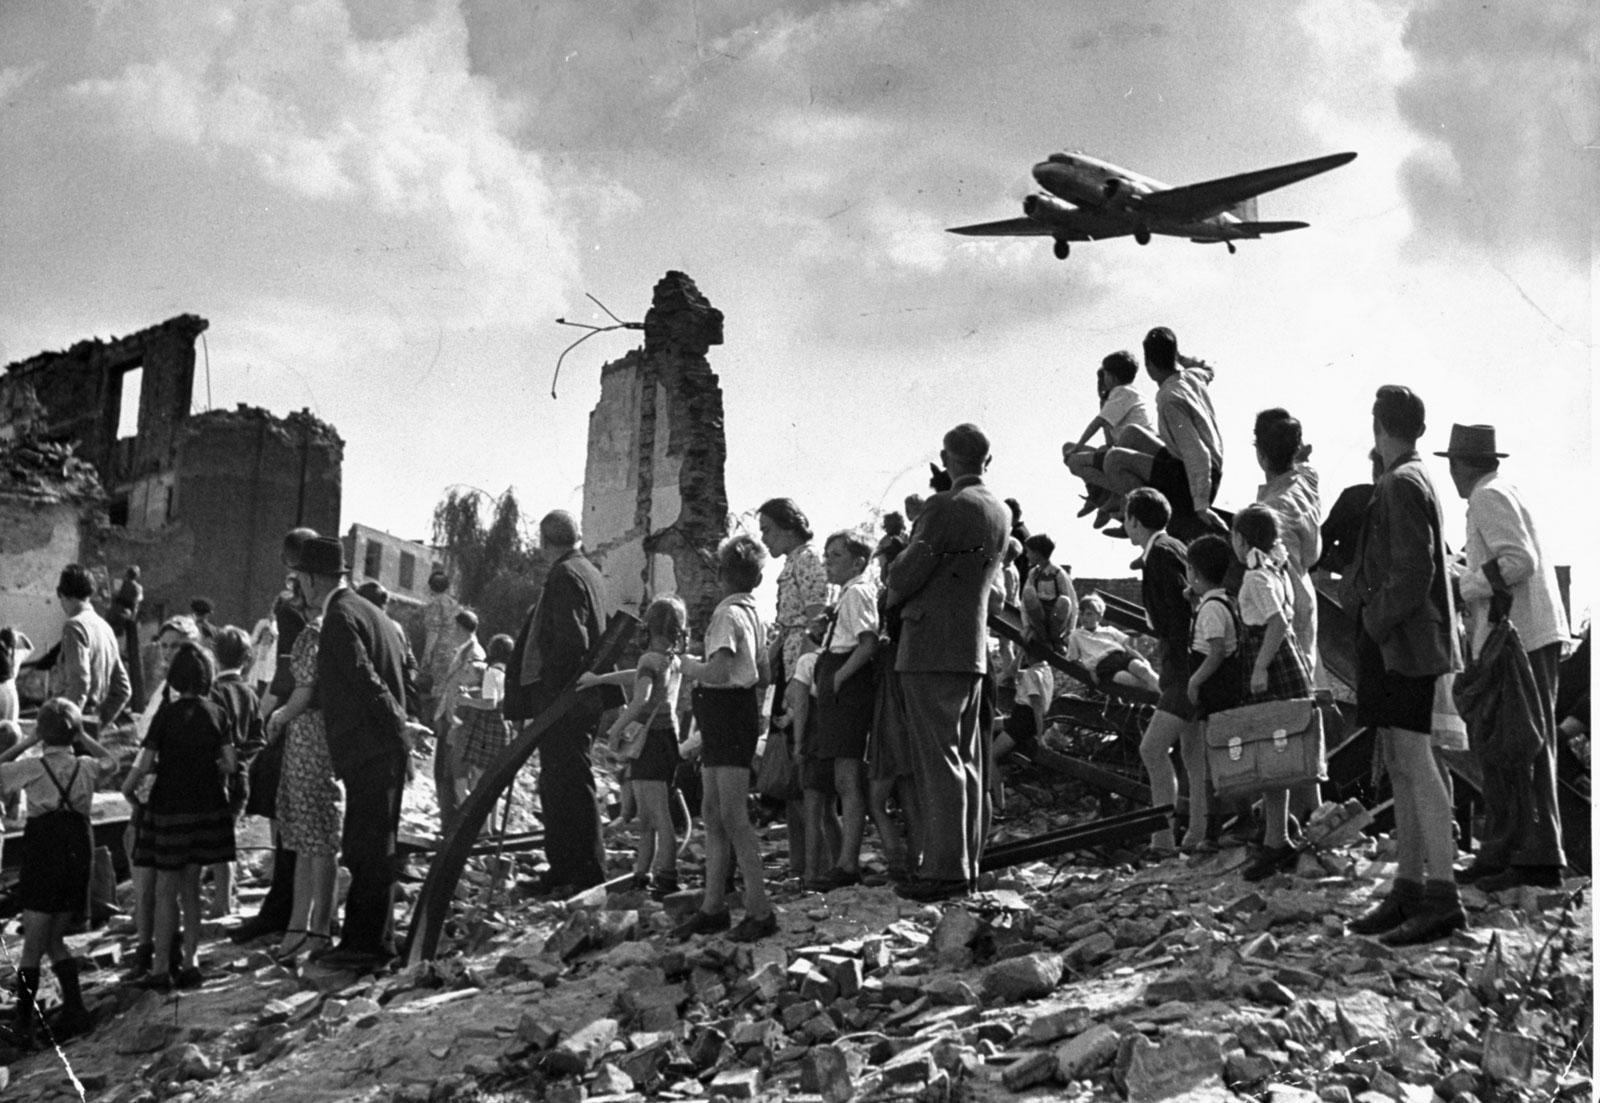 1948. Nyugat-Berliniek nézik a légihídon át ellátmányt szállító C47-es repülőt, ami leszállni készül a Tempelhof reptéren..jpg